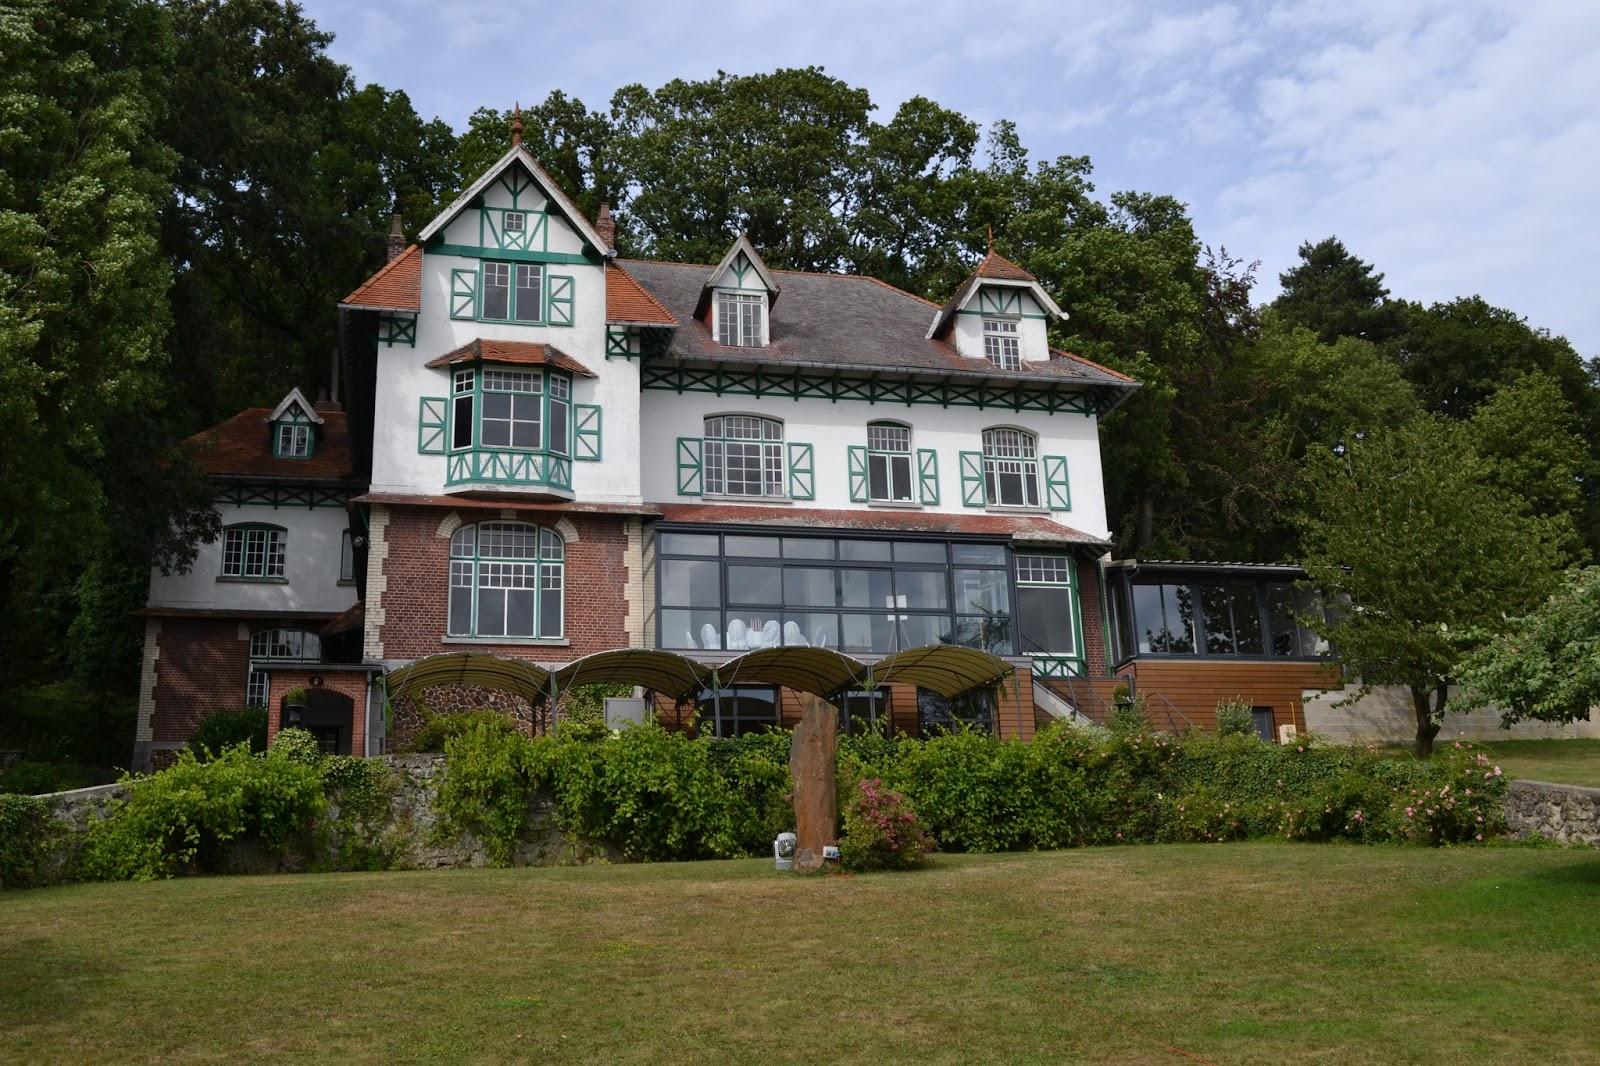 Mariage la grande maison cassel client xxl organisation for La maison maison